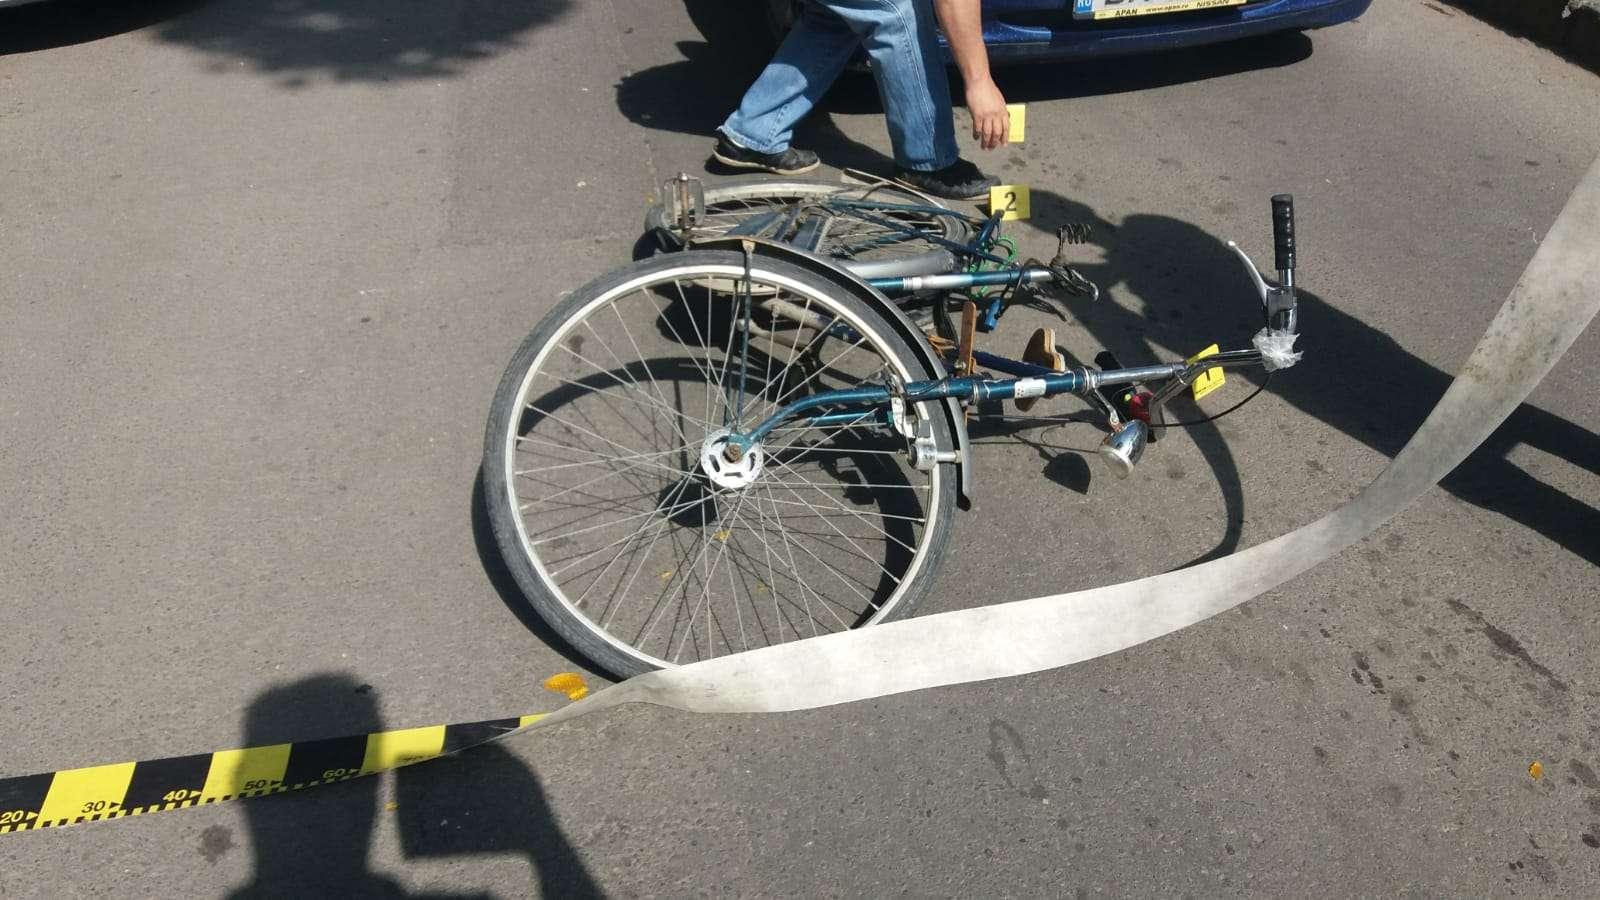 Accident mai puțin obișnuit! L-a lovit cu portiera autoturismului, s-a lovit la cap și a decedat!